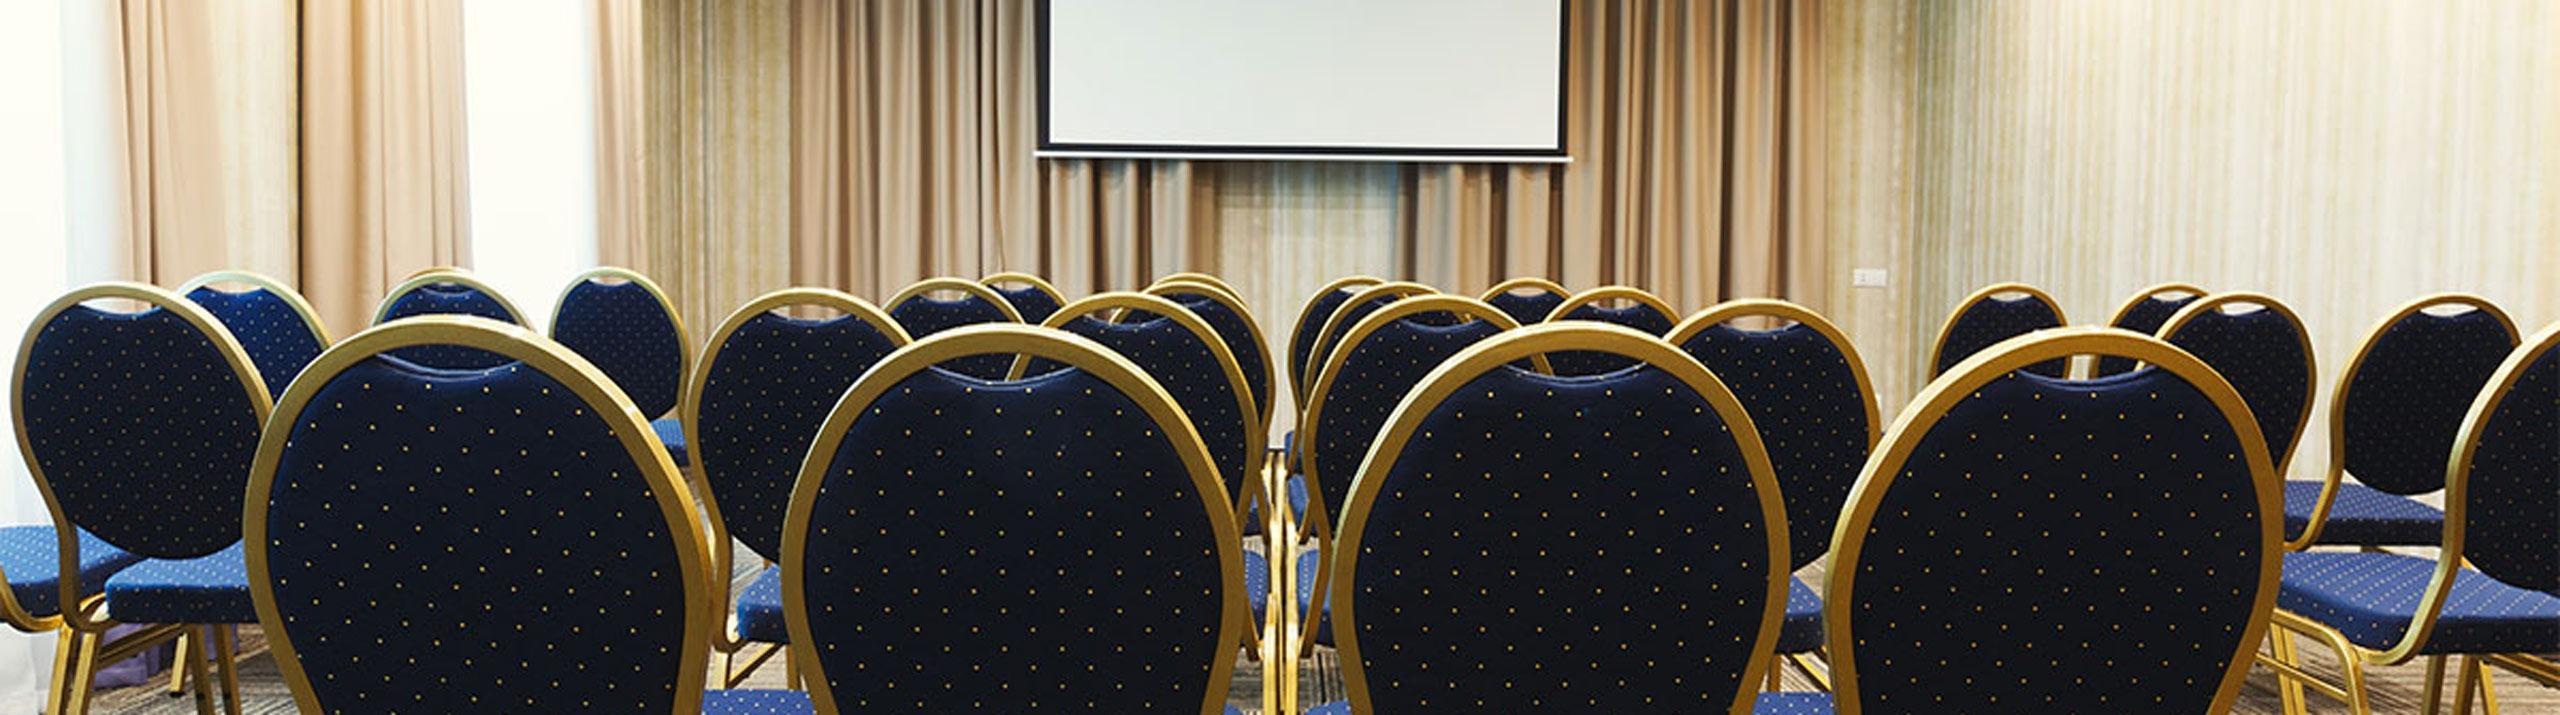 Salle de conférence vide